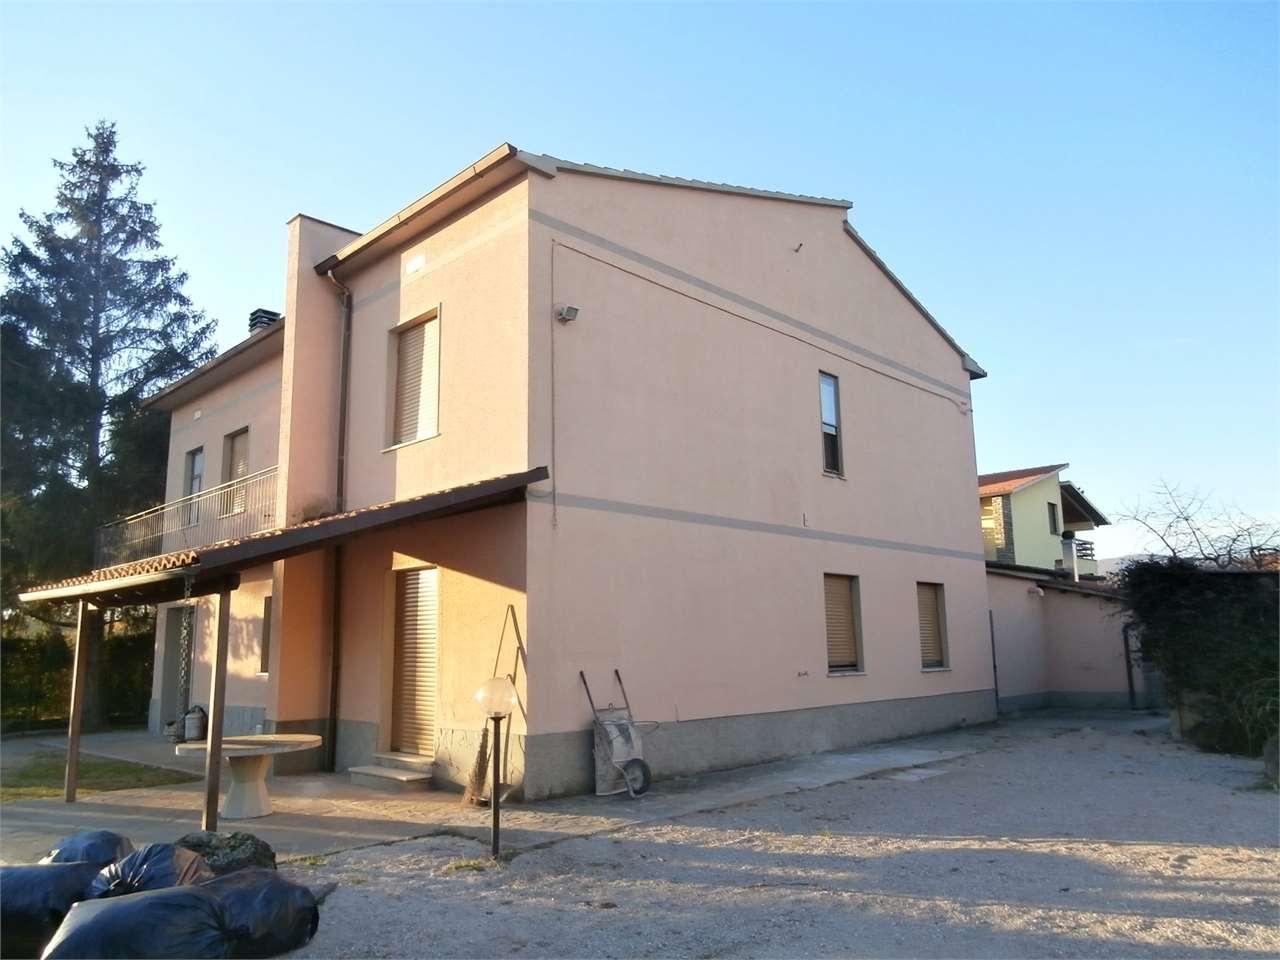 Soluzione Indipendente in vendita a Capolona, 11 locali, prezzo € 350.000 | Cambio Casa.it